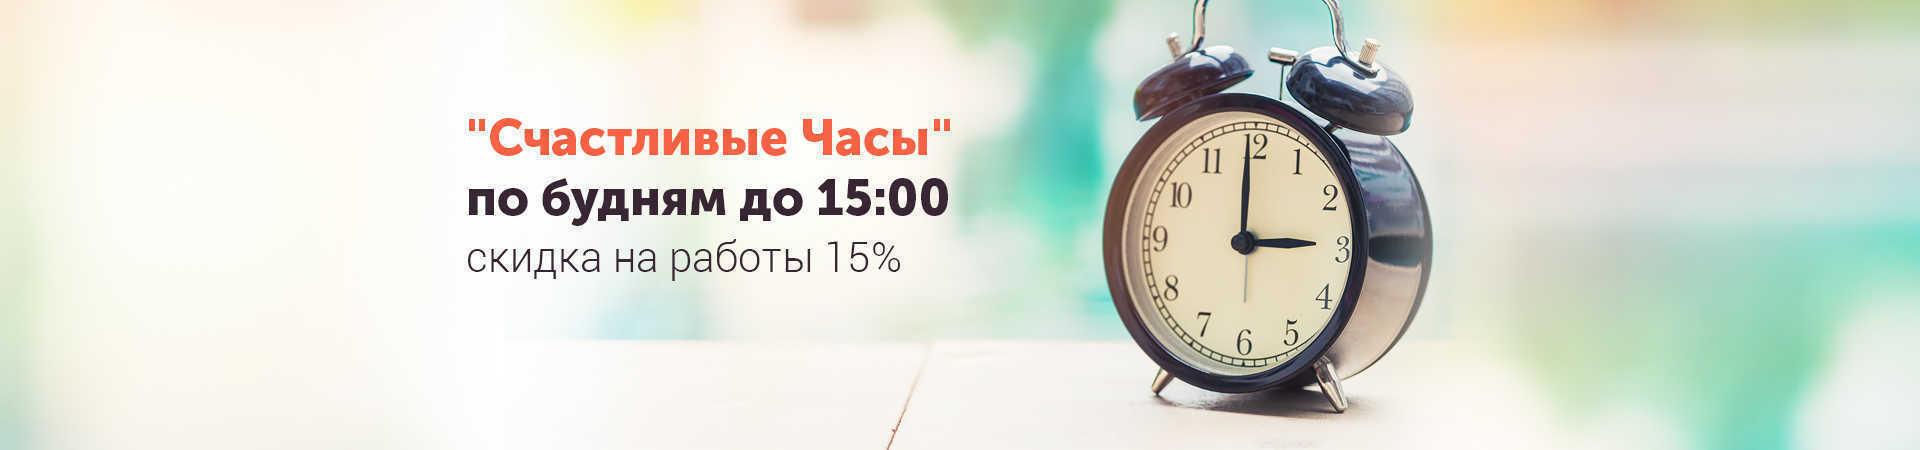 Счастливые часы, акция от сервиса DDCAR